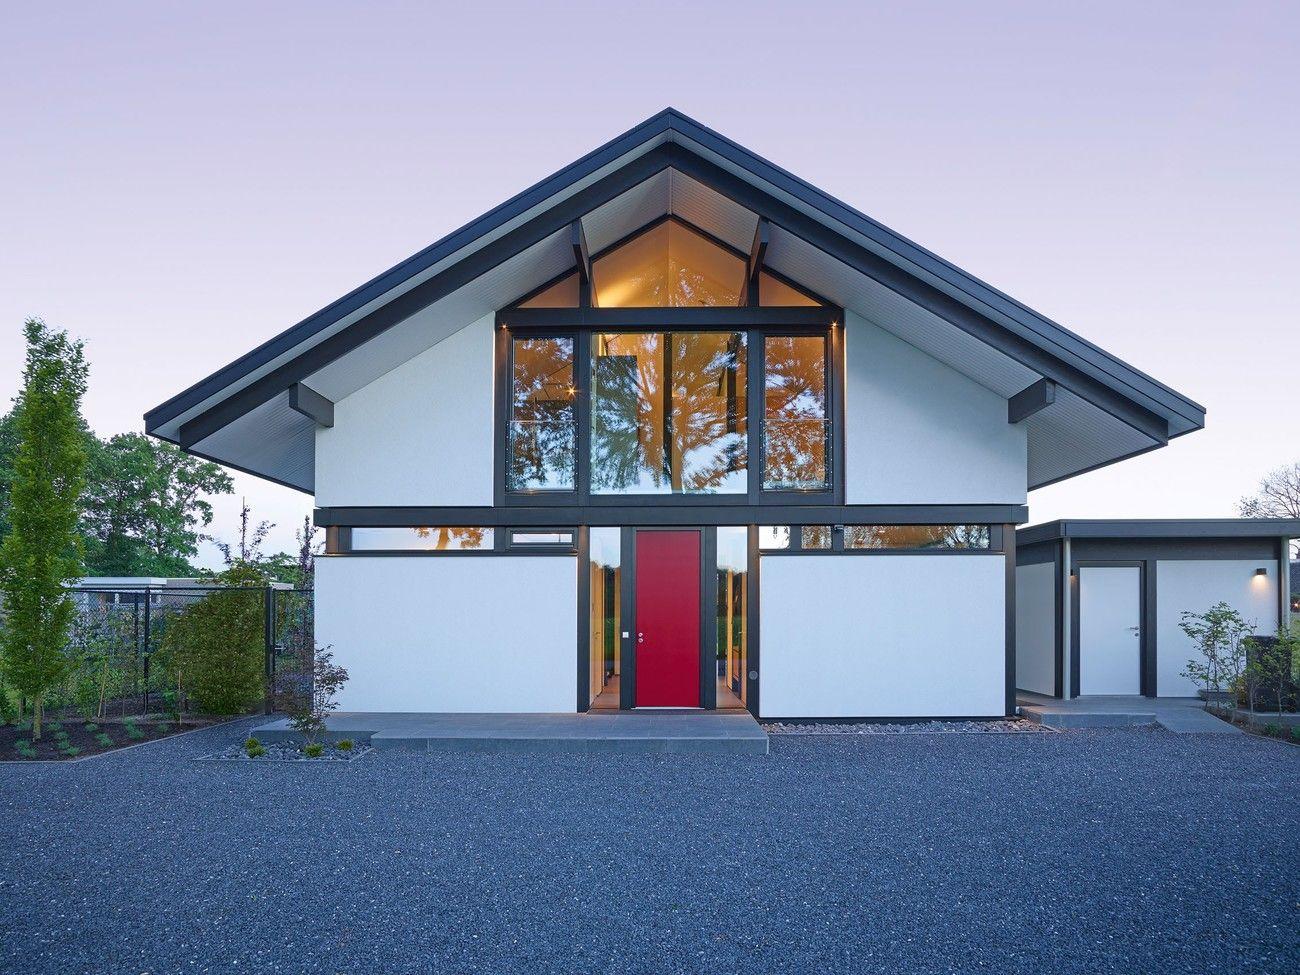 Traumhausgalerie Moderne Fachwerkhäuser in 2019